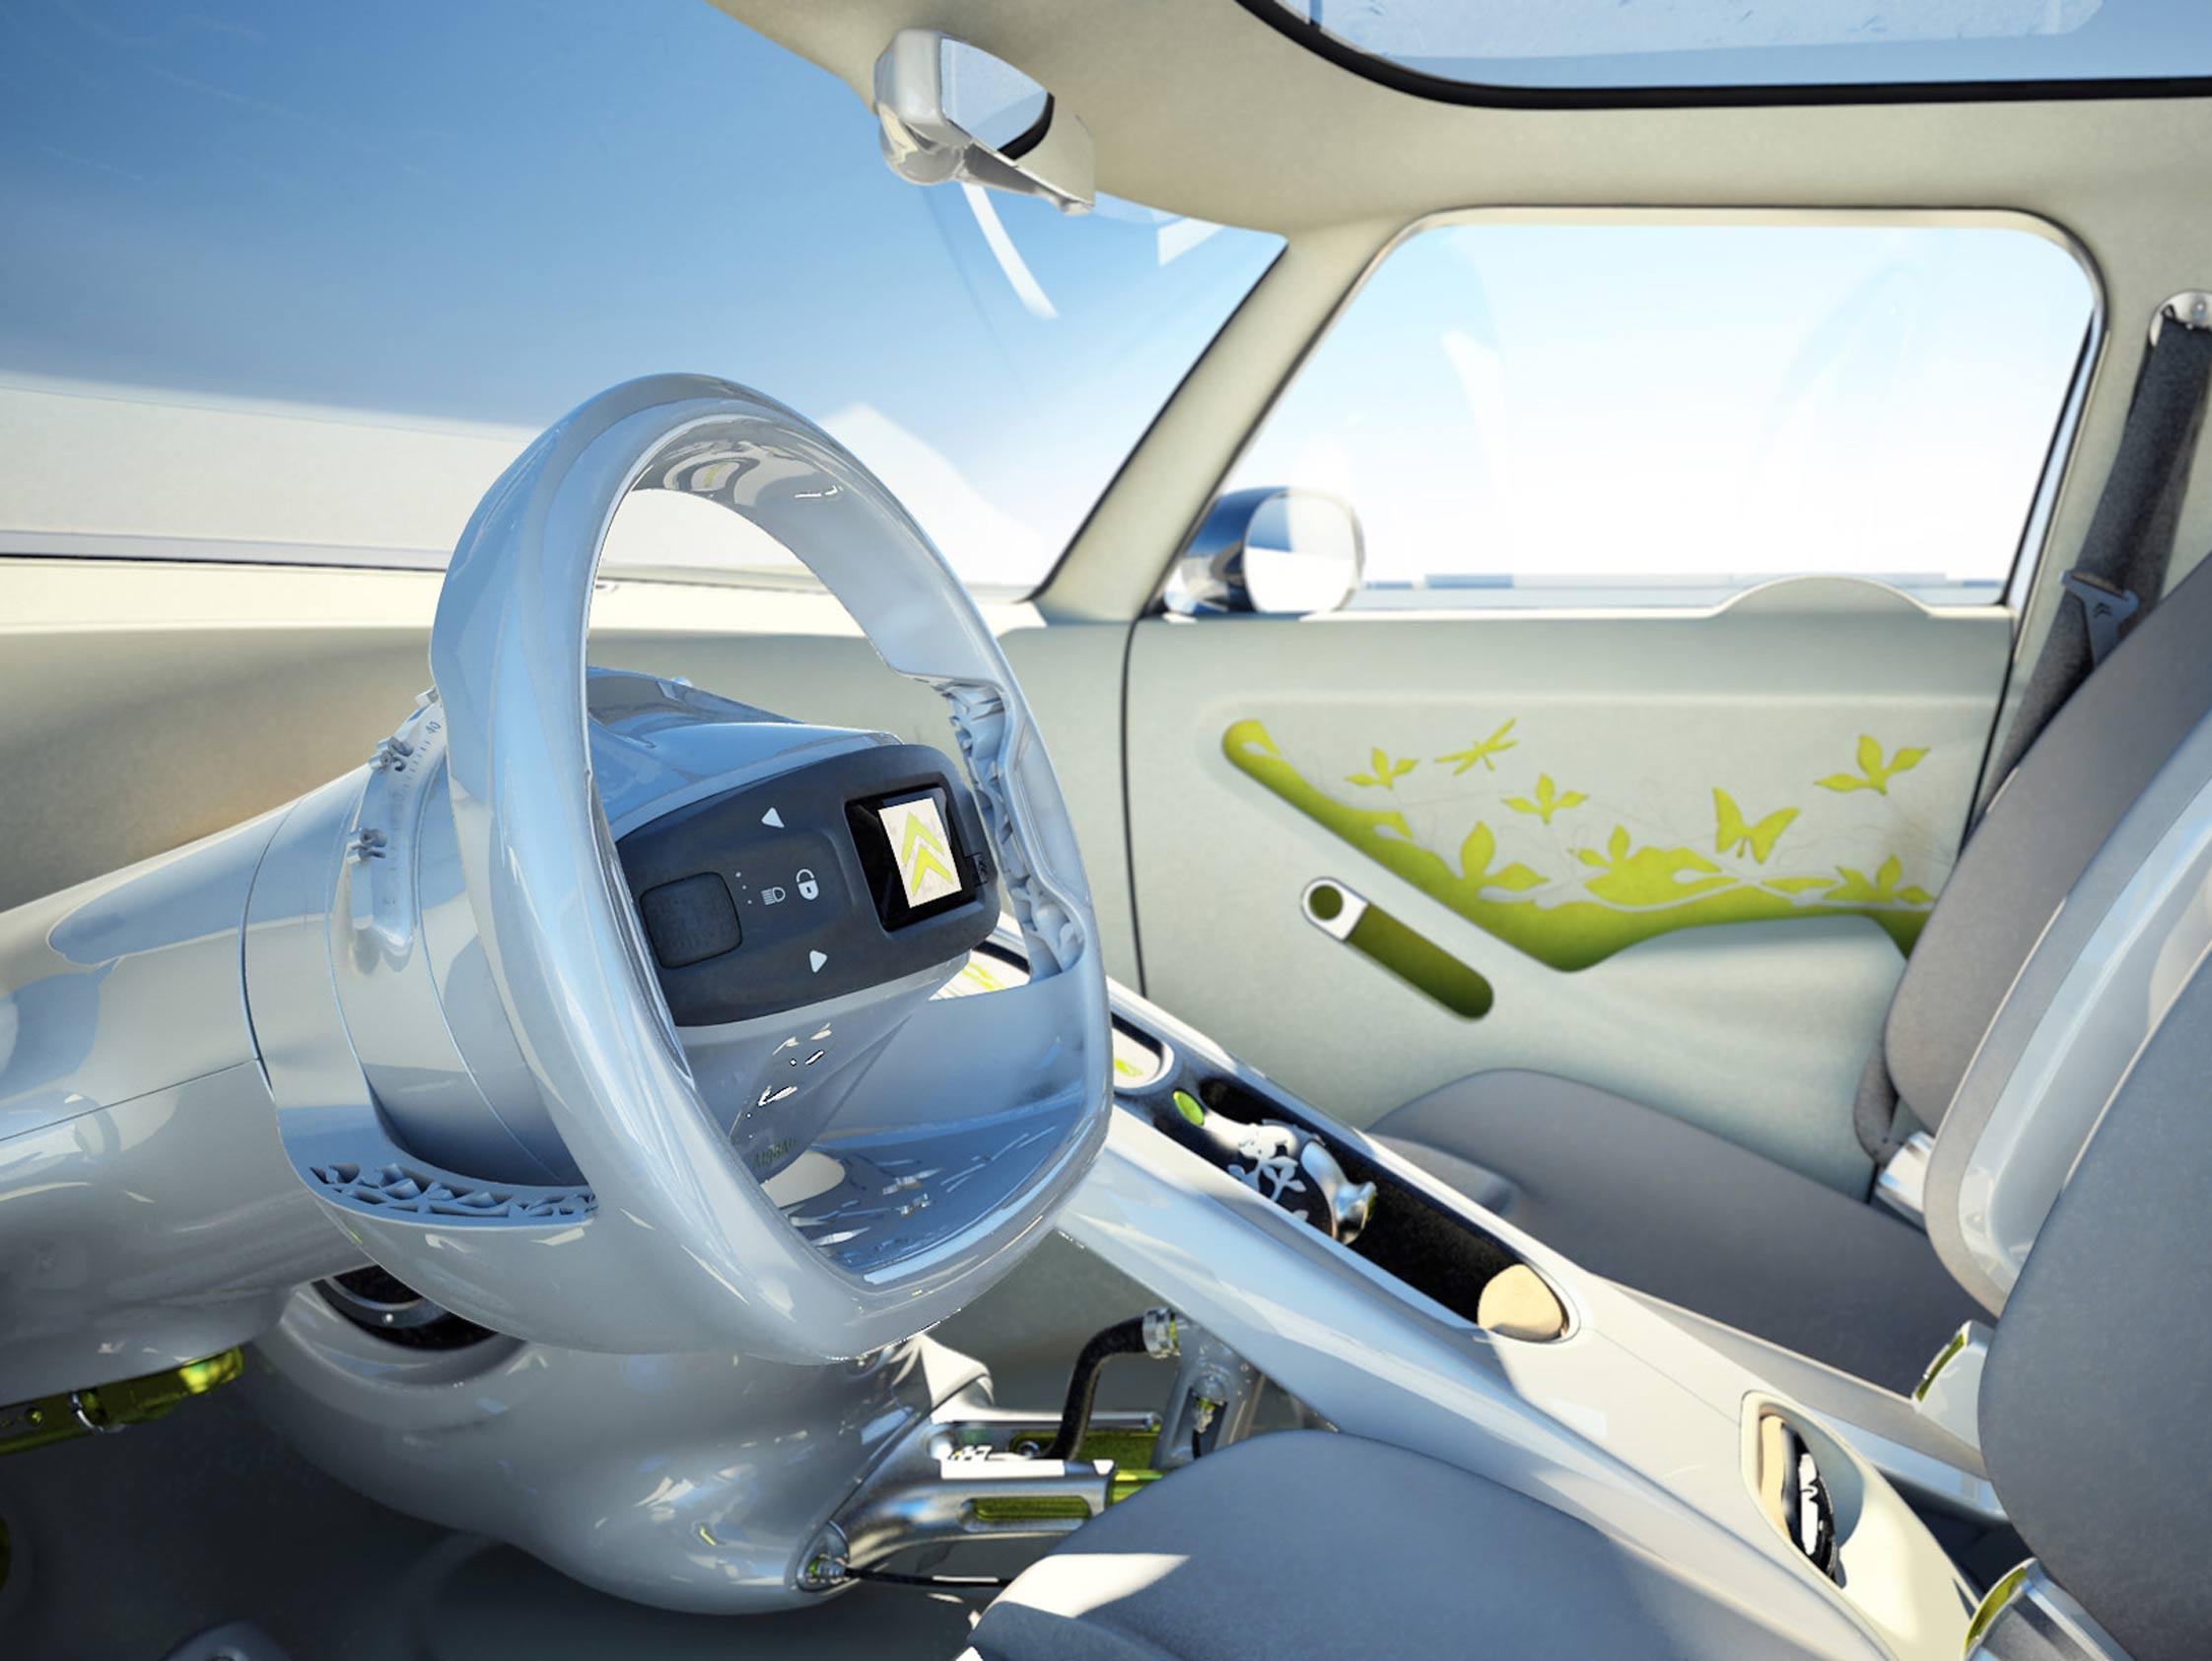 citroen c cactus lectrique mondial automobile 2008. Black Bedroom Furniture Sets. Home Design Ideas